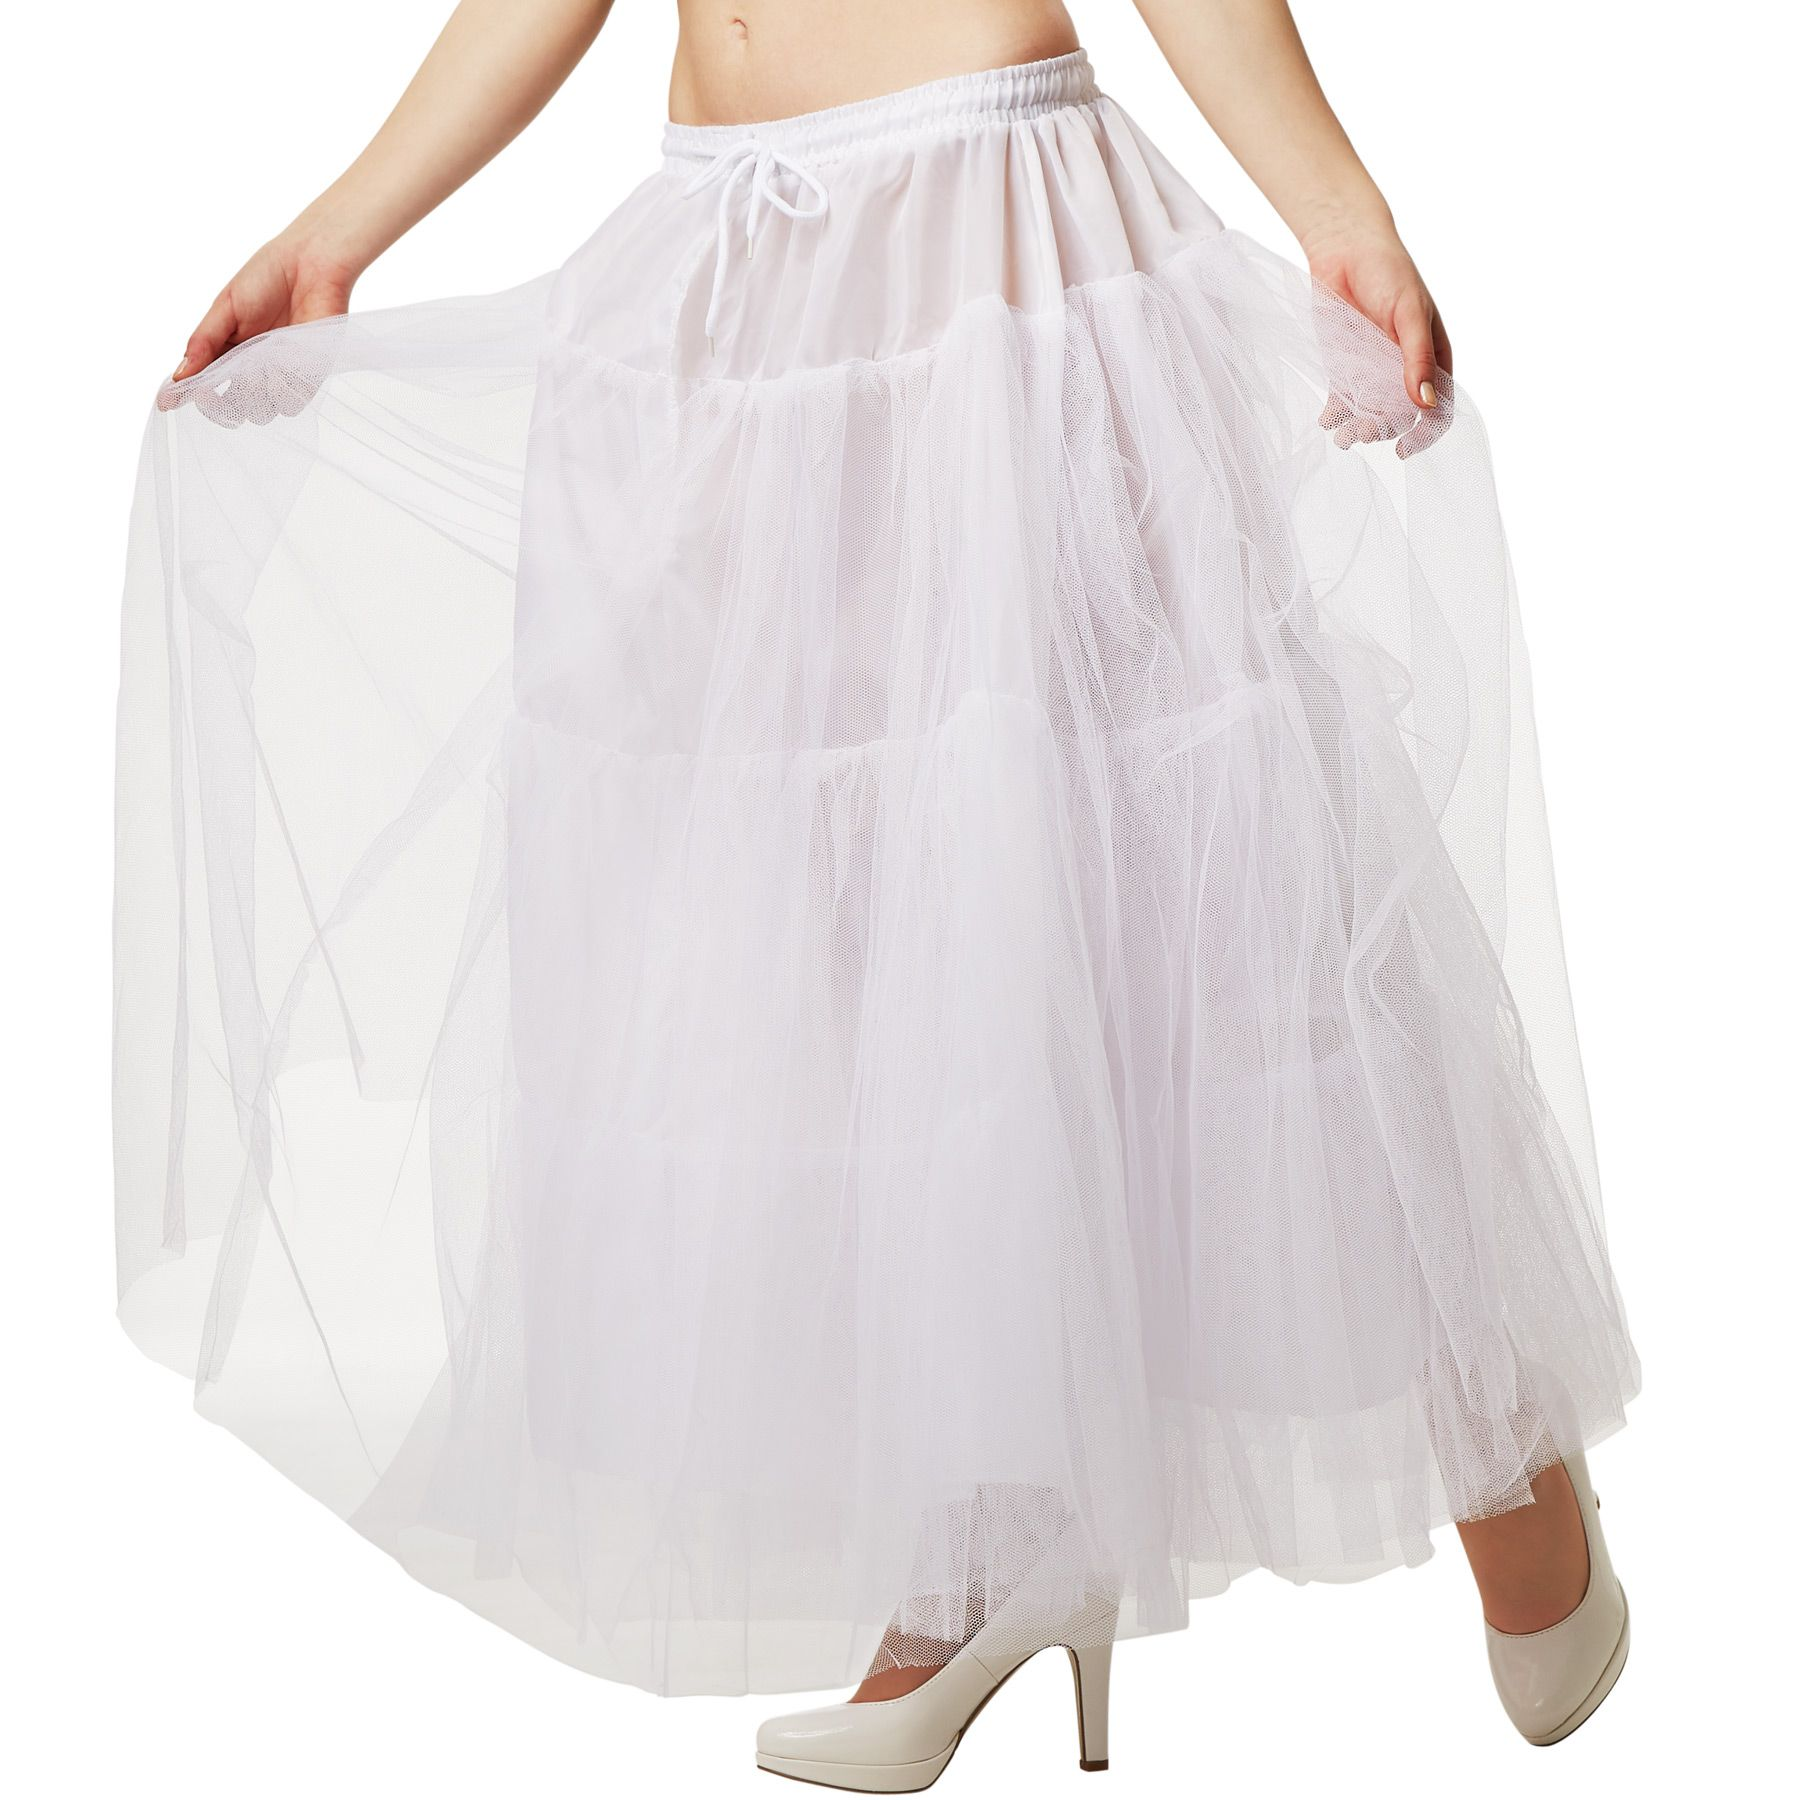 Détails sur Jupon avec 3 couches tulle Tutu Jupe vintage 50s Petticoat déguisement carnaval